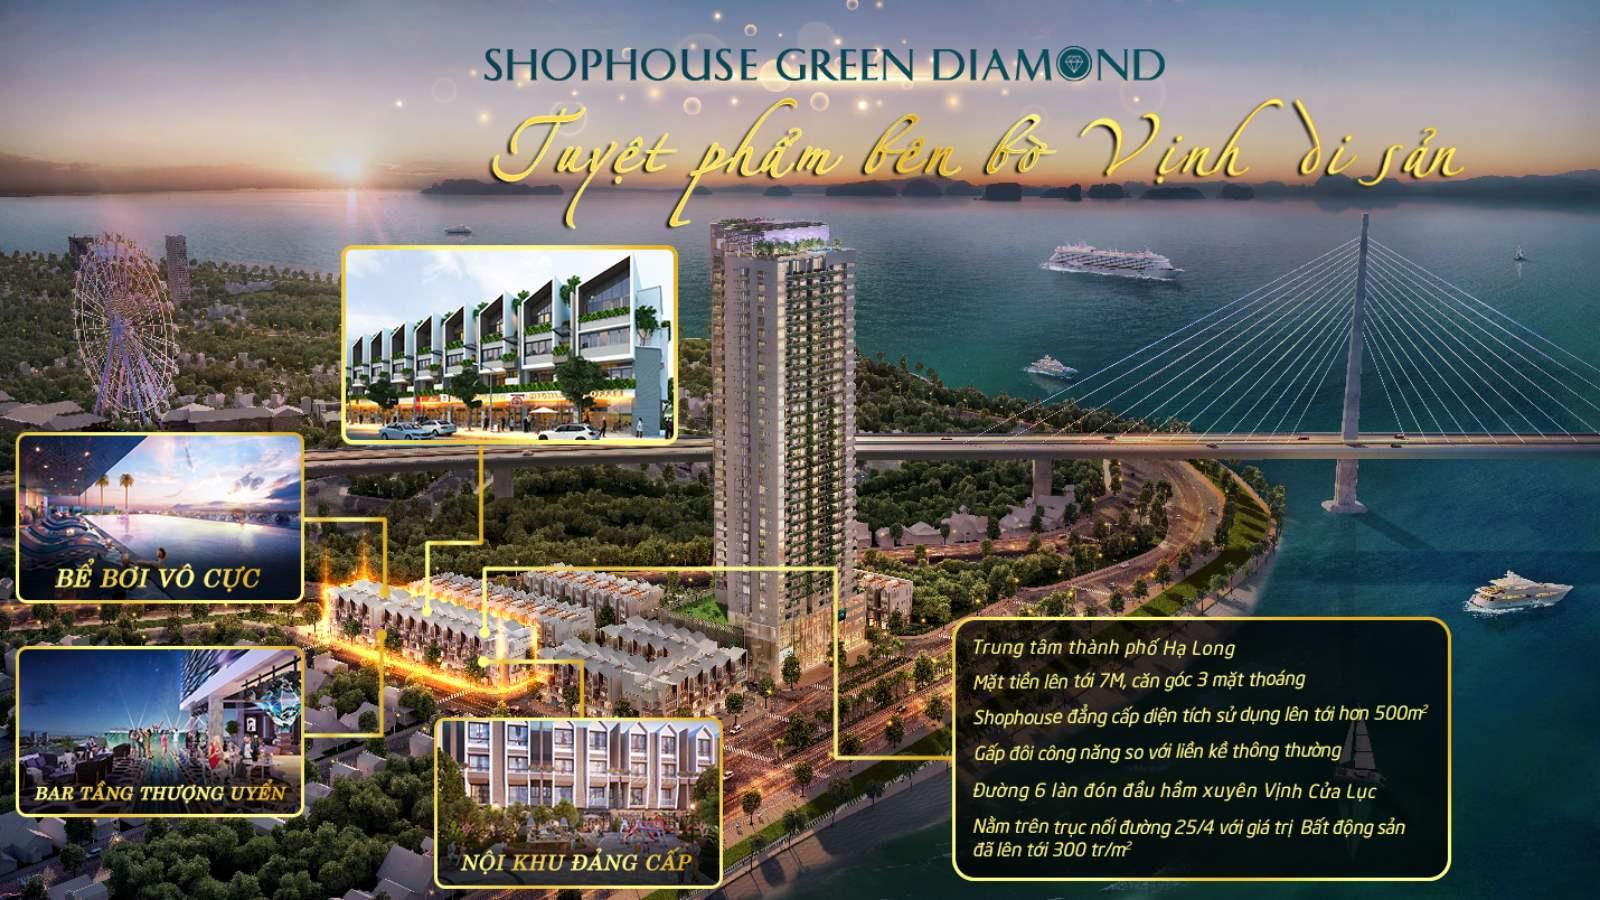 SHOPHOUSE GREEN DIAMOND HA LONG